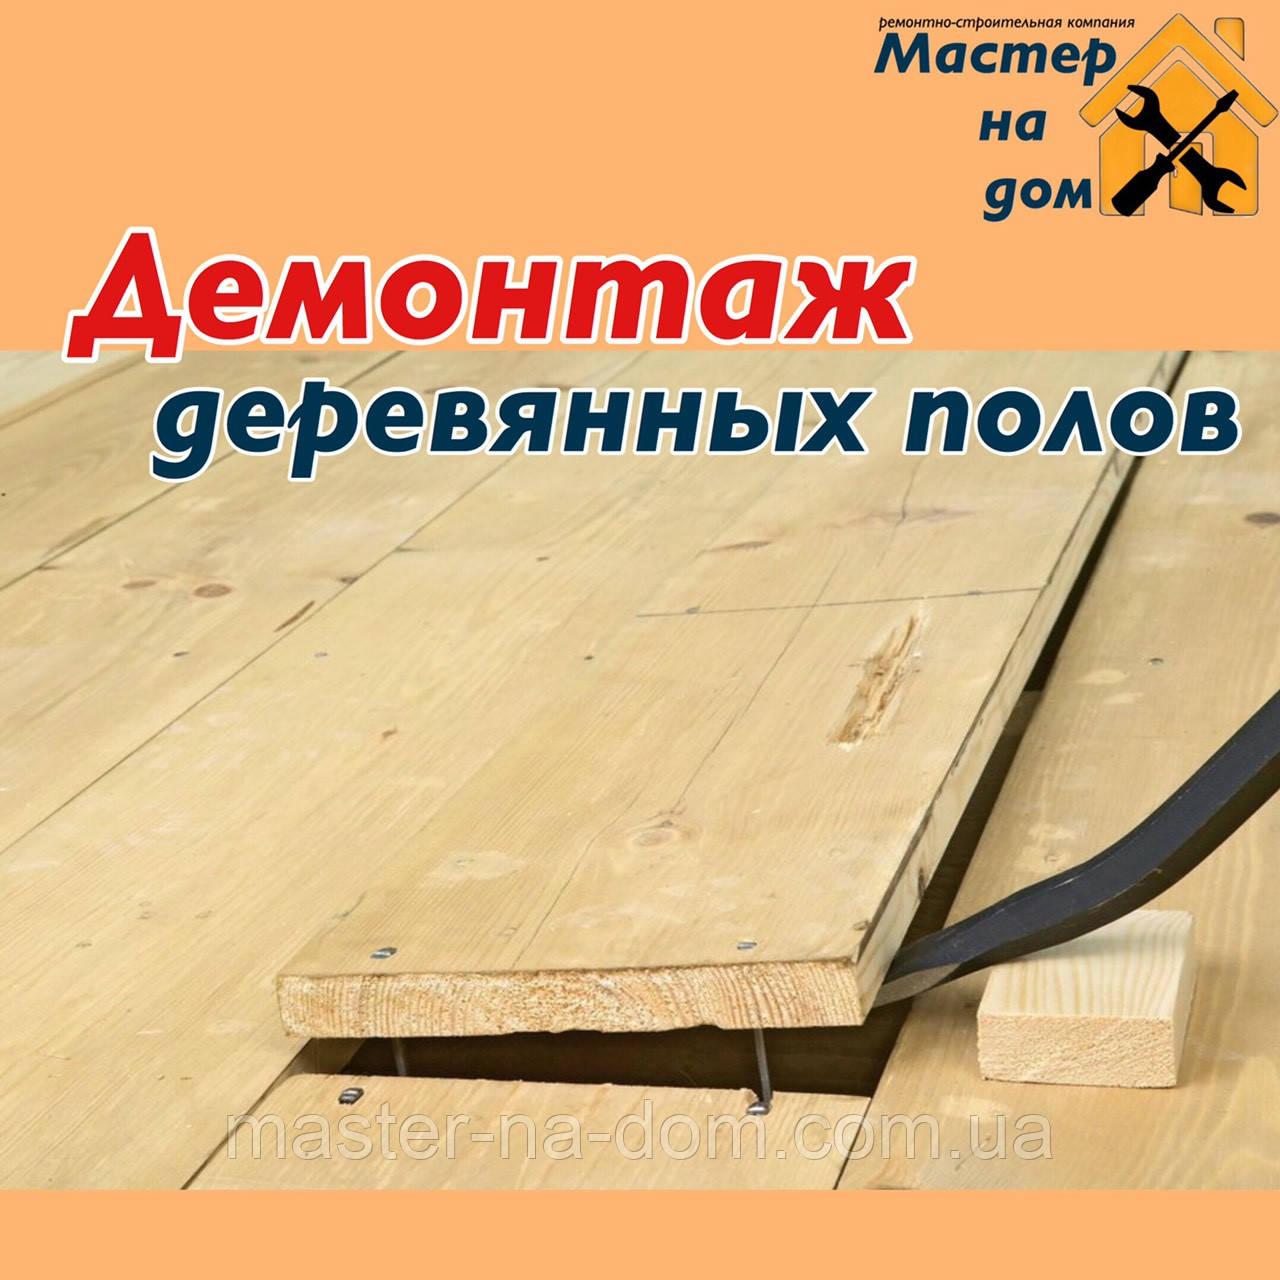 Демонтаж деревянных,паркетных полов в Харькове